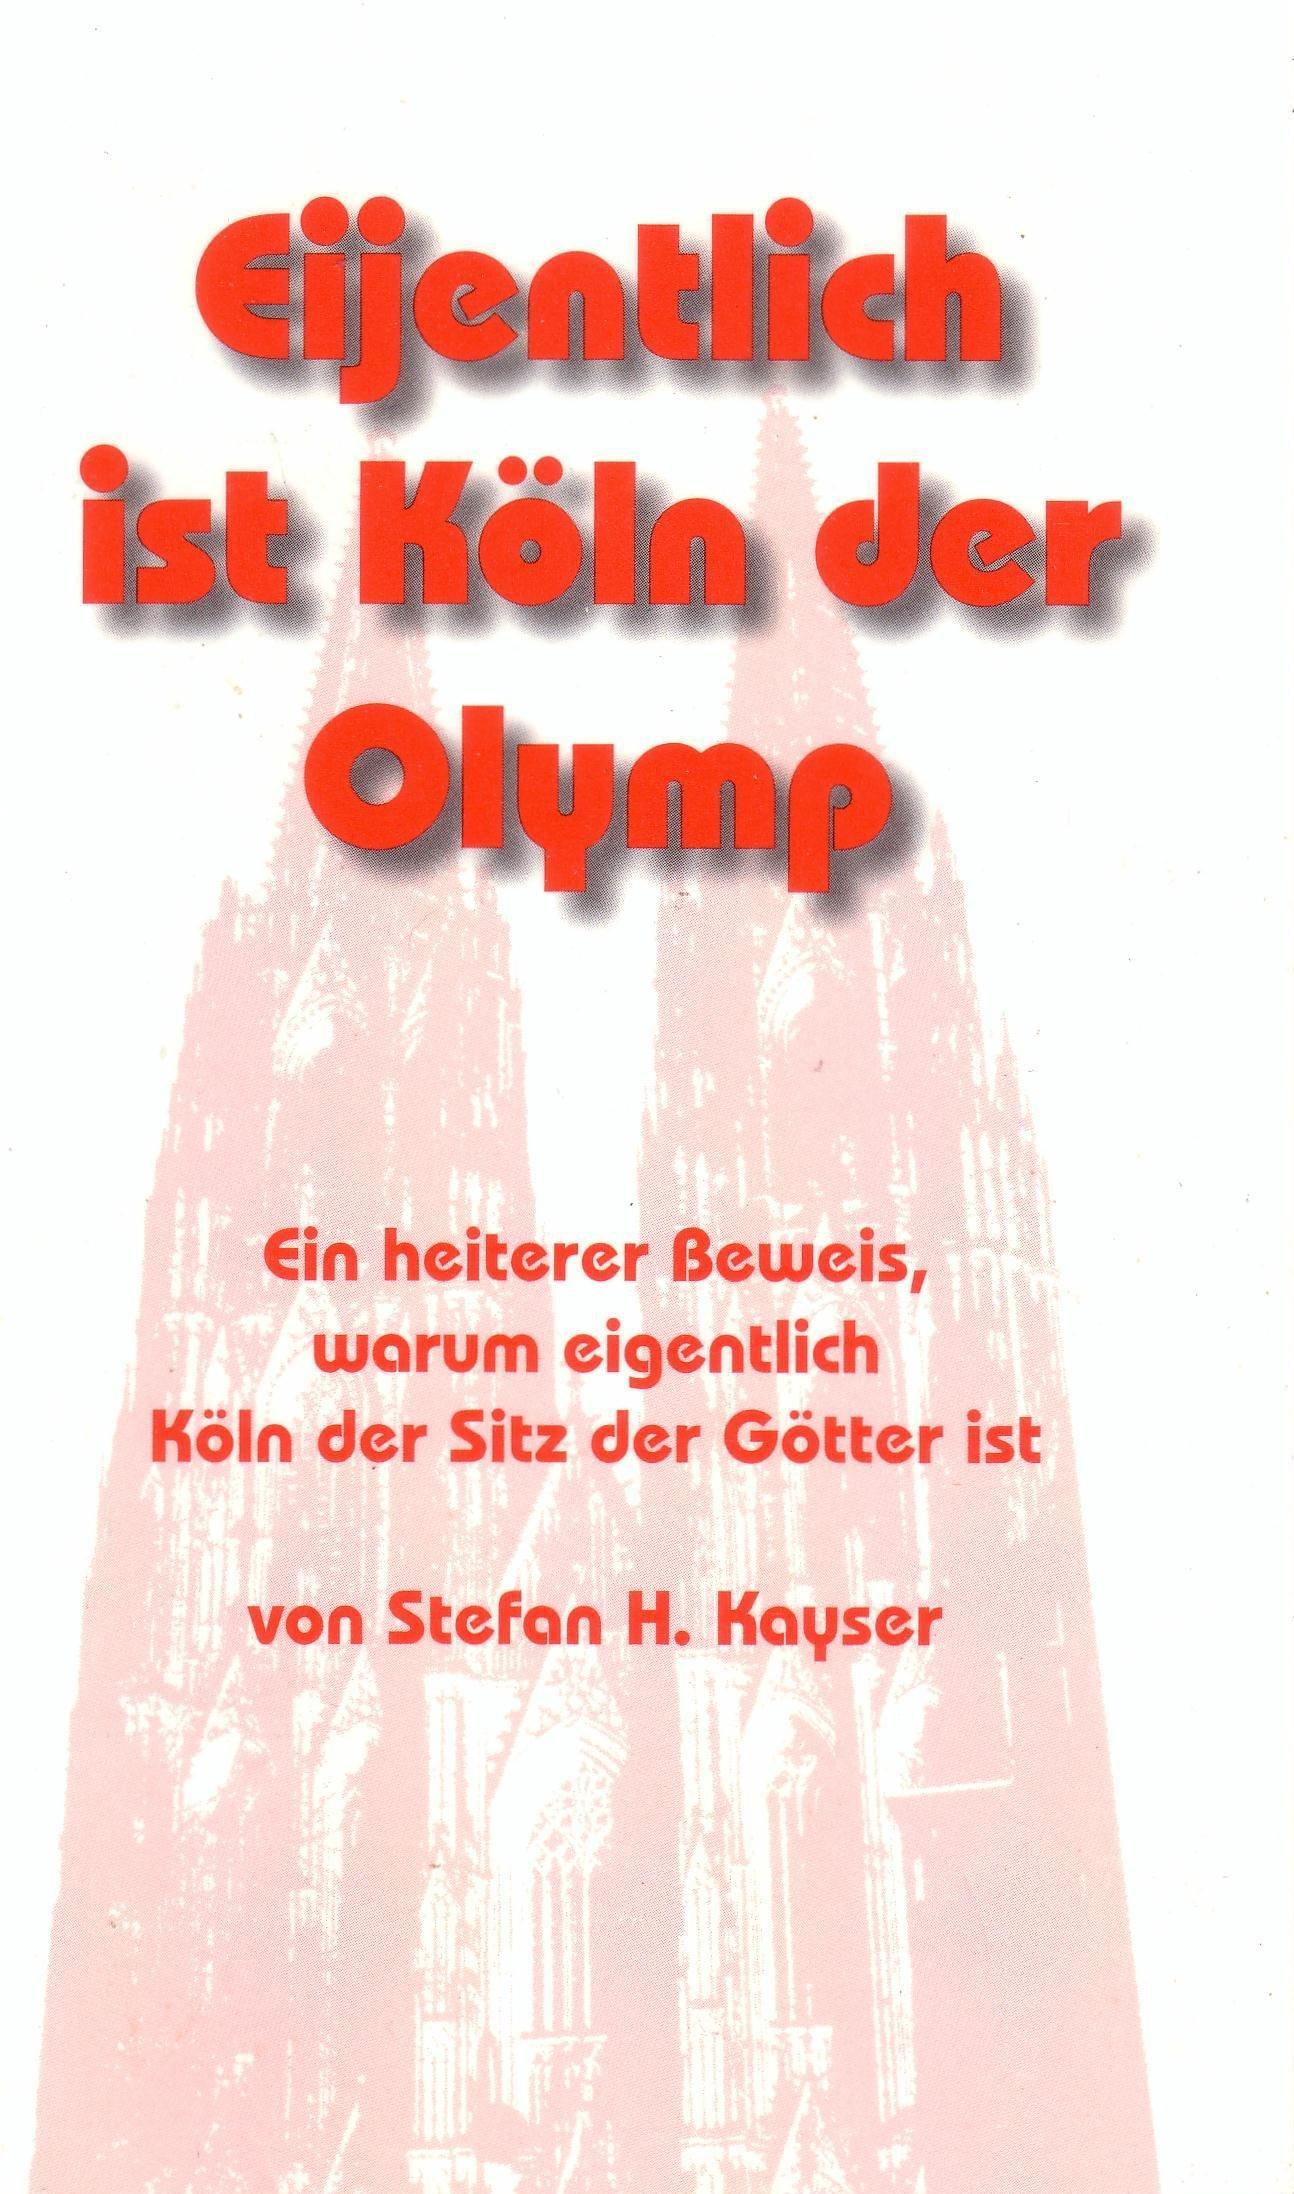 Eijentlich ist Köln der Olymp. Ein heiterer Beweis, warum eigentlich Köln der Sitz der Götter ist